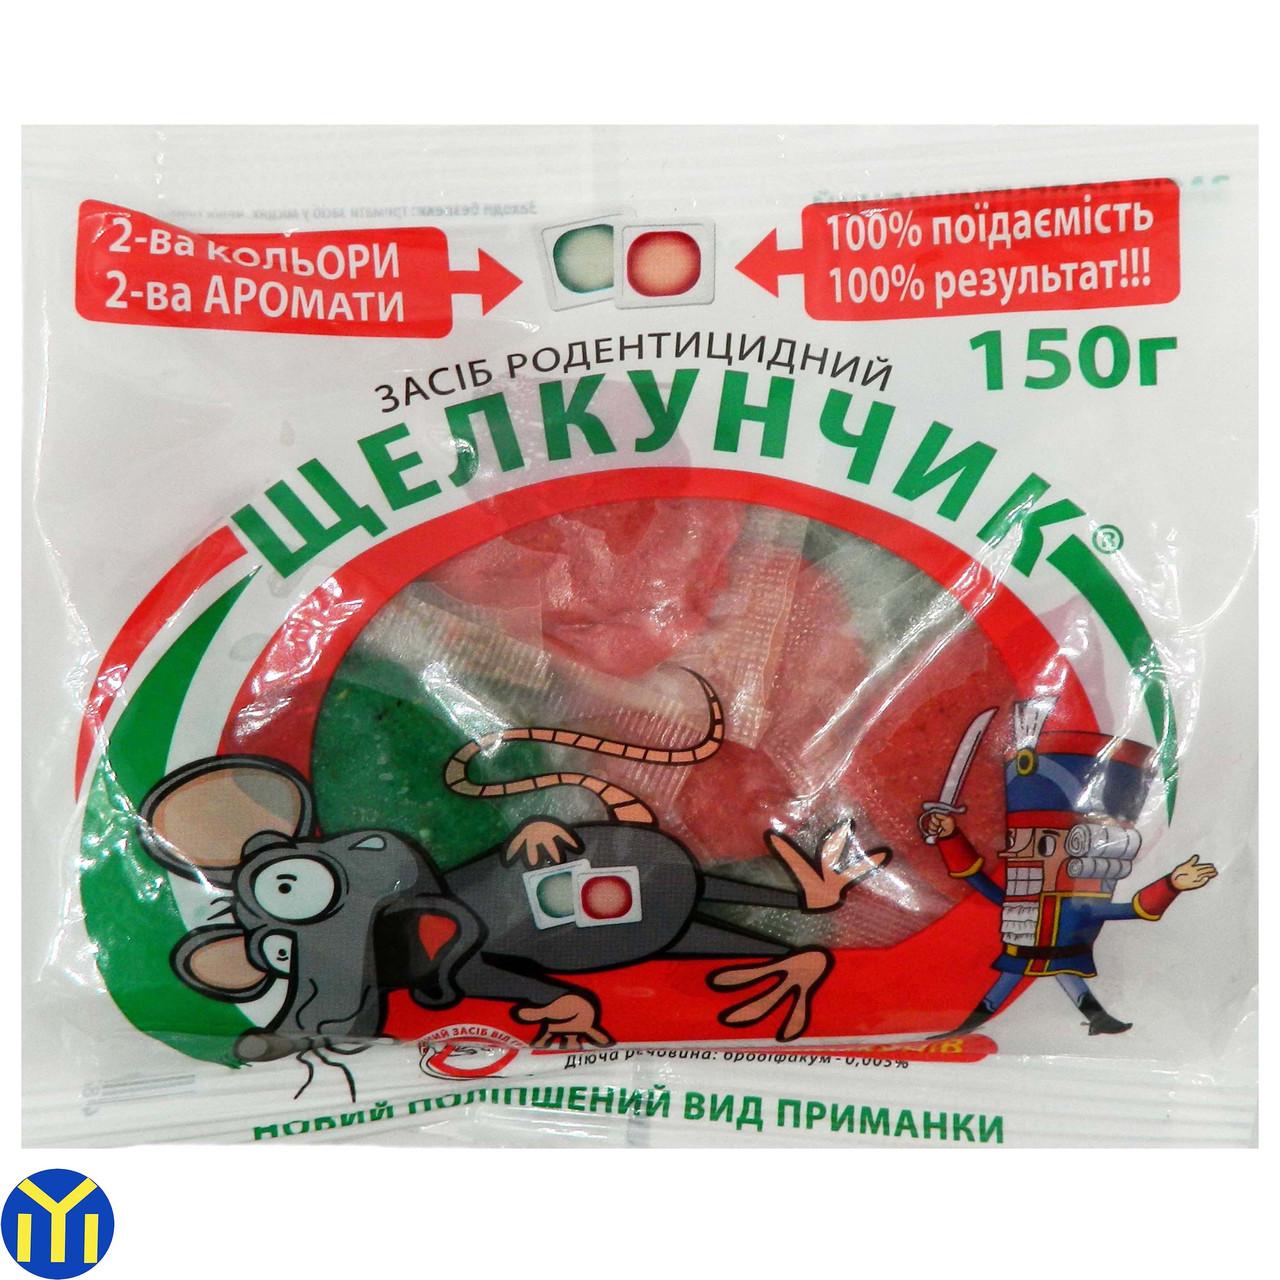 Средство от грызунов Щелкунчик тесто, 150 г.